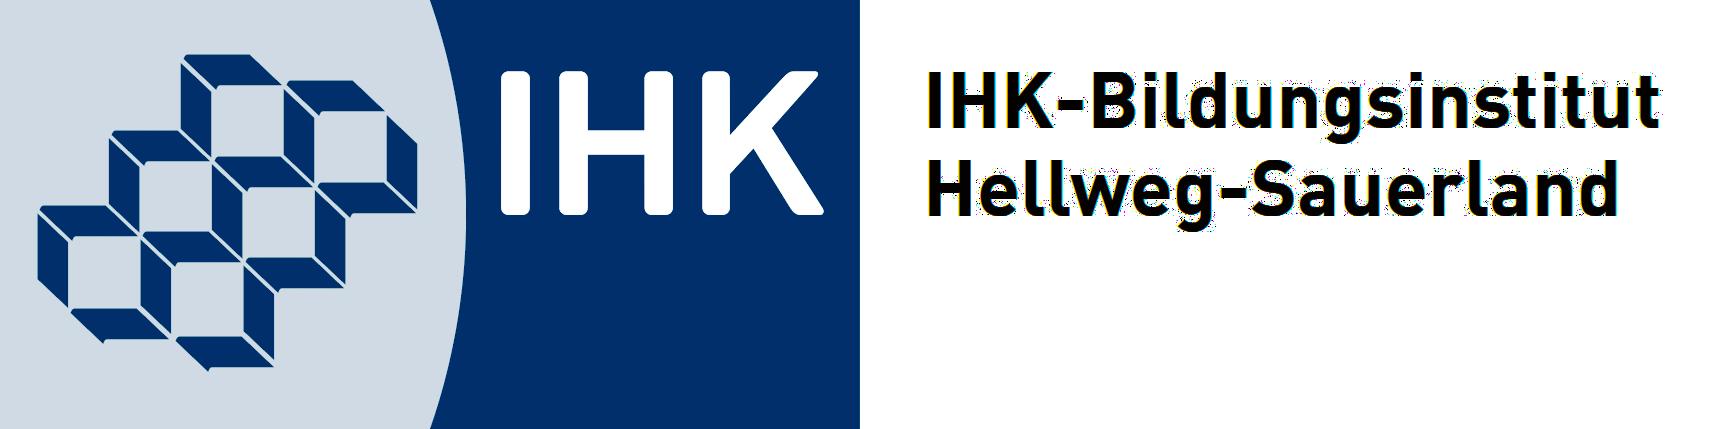 IHK-Bildungsinstitut